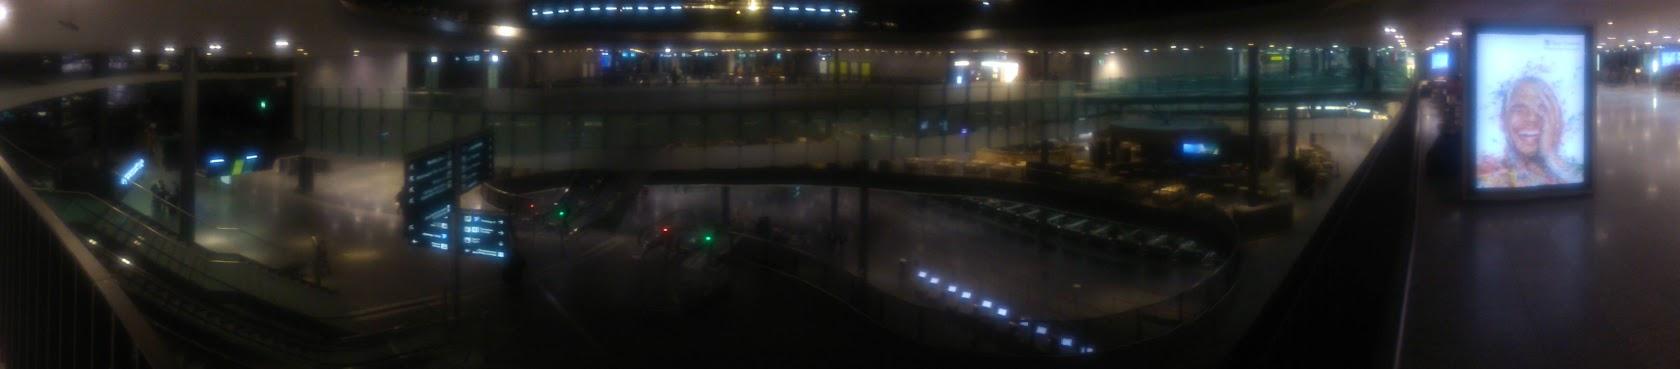 Трехэтажный Аэропорт Цюриха. Ночью